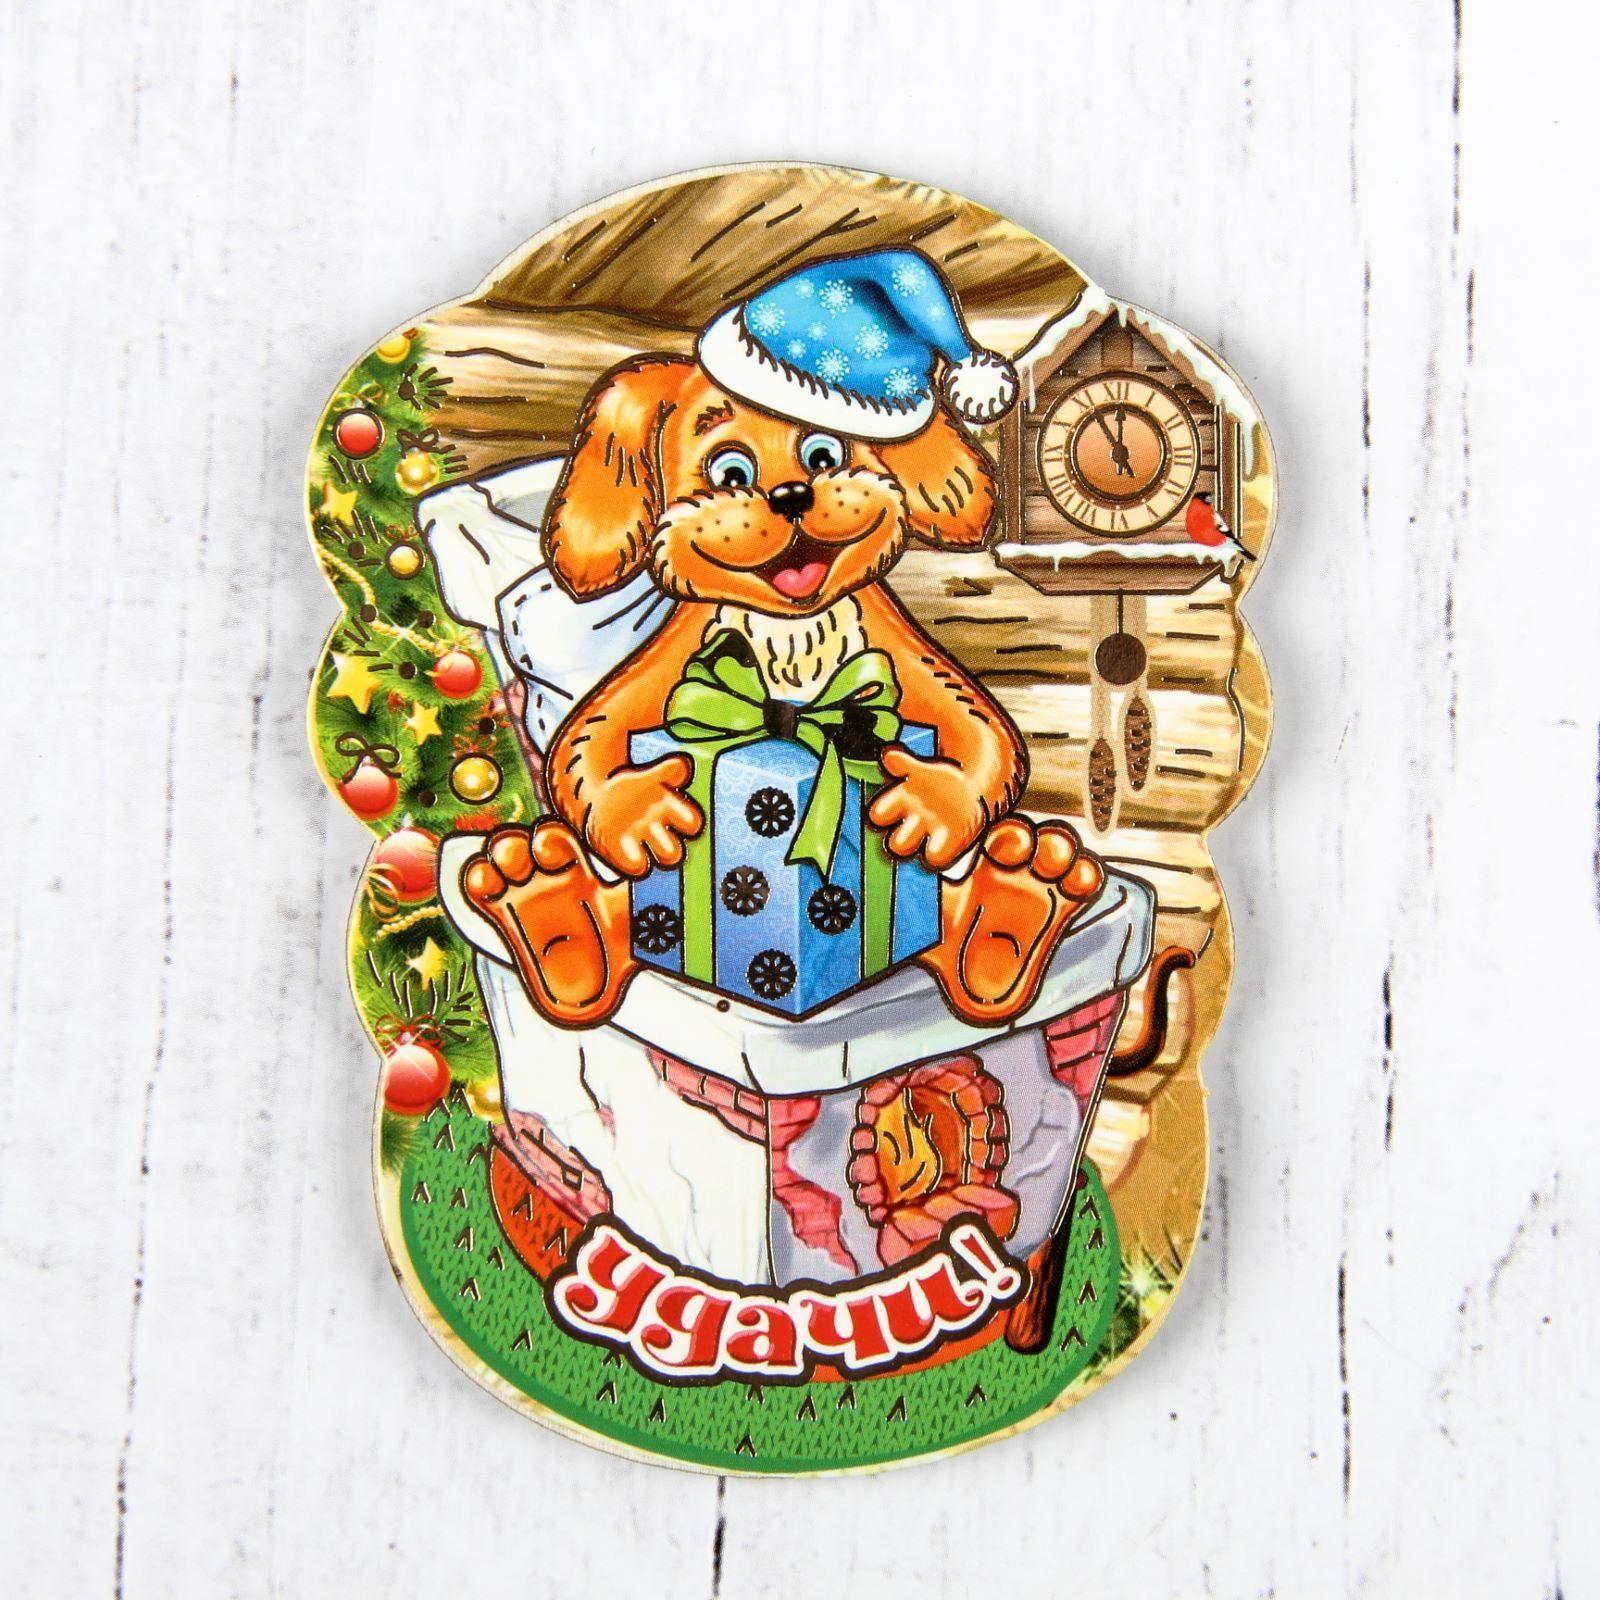 Магнит Sima-land Новогодний. 2018, 10 х 7,5 см. 25323962532396Порадуйте родных и близких оригинальным сувениром: преподнесите в подарок магнит. С ним даже самый серьёзный человек почувствует себя ребёнком, ожидающим чудо! Создайте праздничное настроение, и оно останется с вами на весь год.